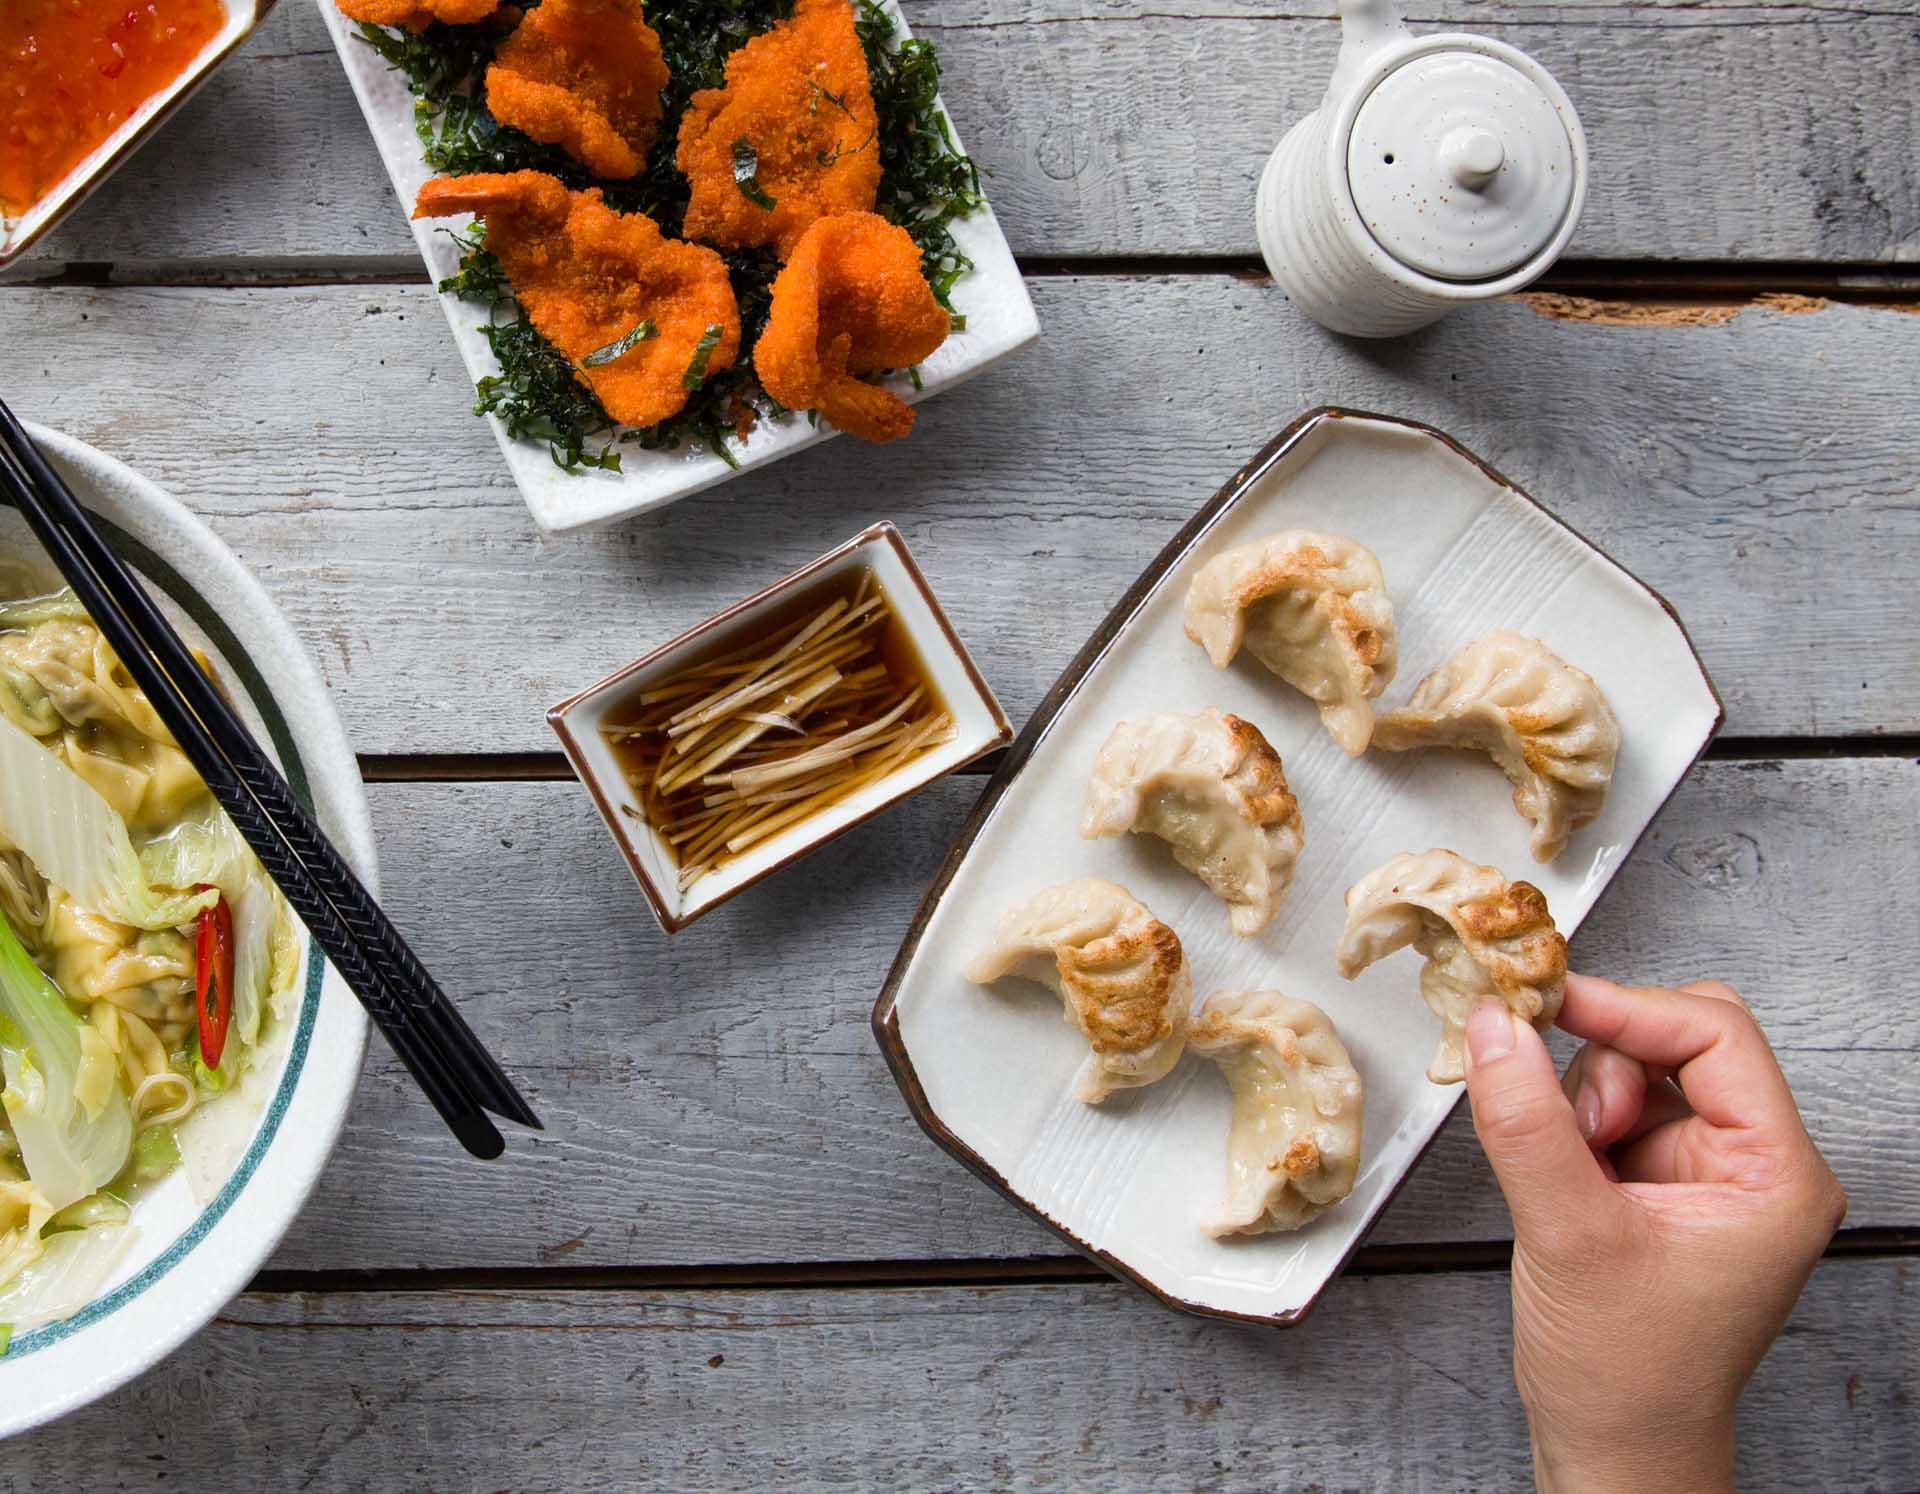 Pork dumplings. Photo by André Ainsworth